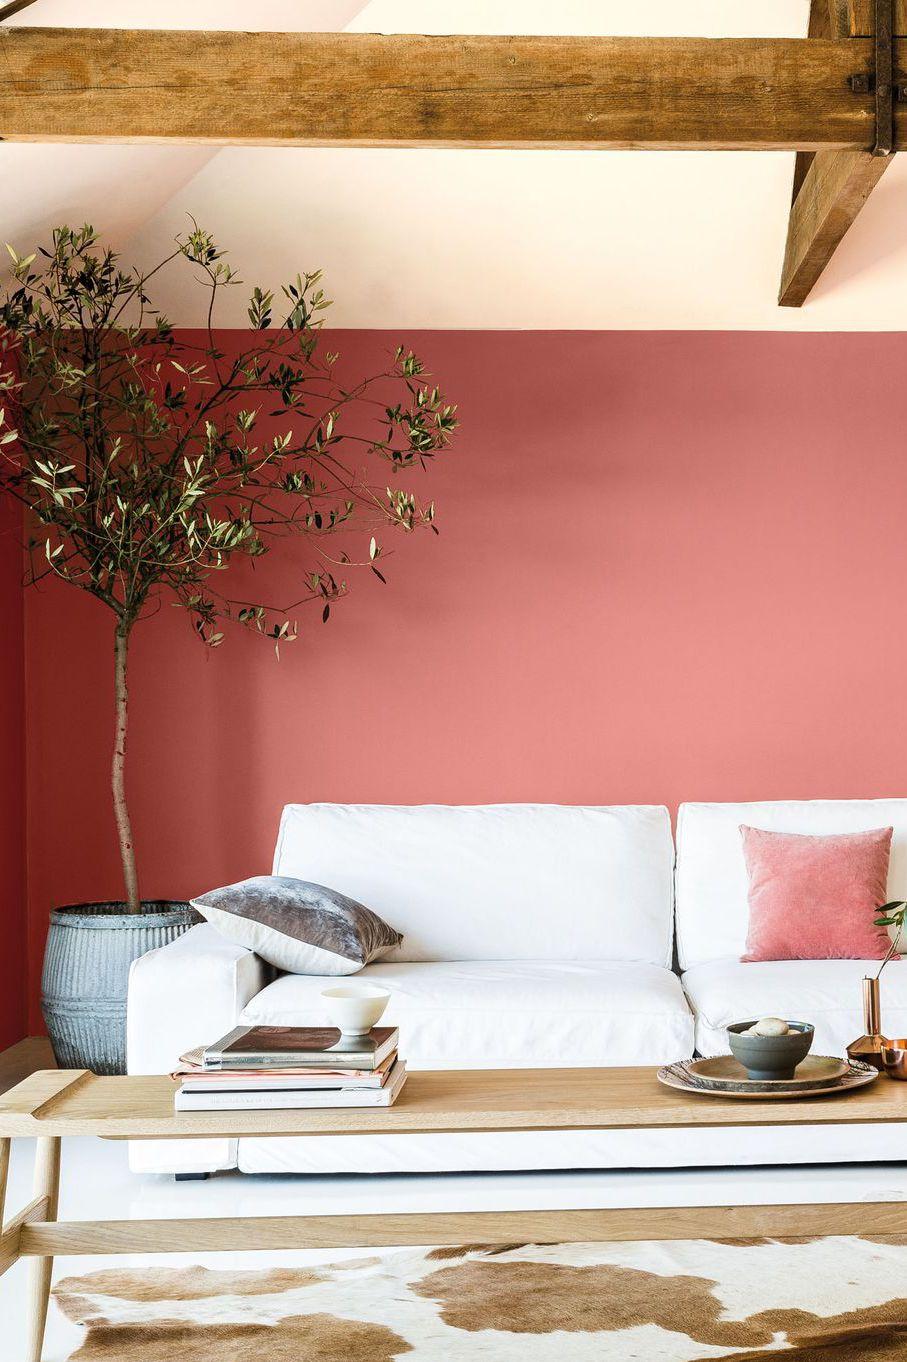 Peinture maison 20 couleurs tendance pour peindre son salon - Couleur de peinture pour maison ...